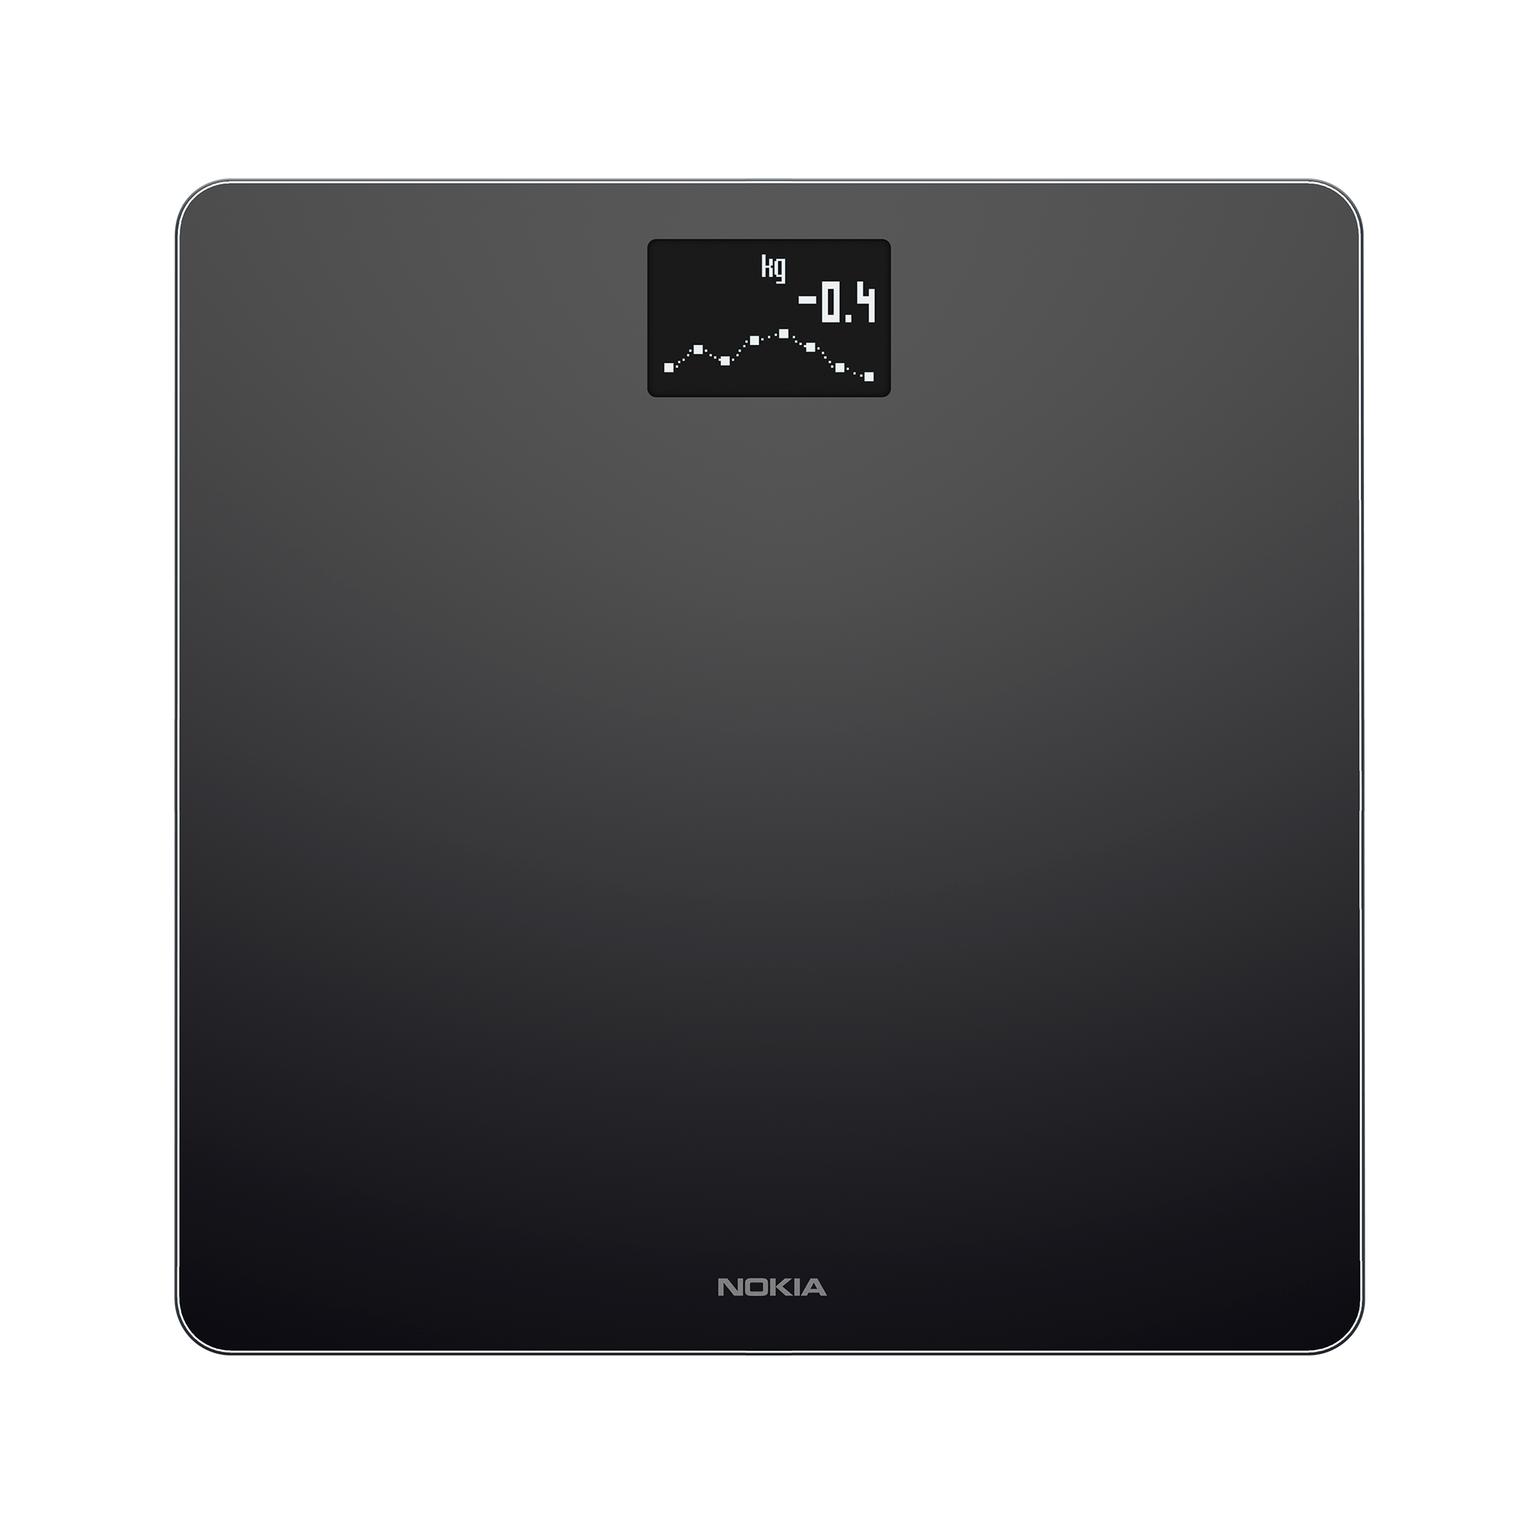 Nokia (Withings) Body weegschaal WS45 zwart voor €59,99